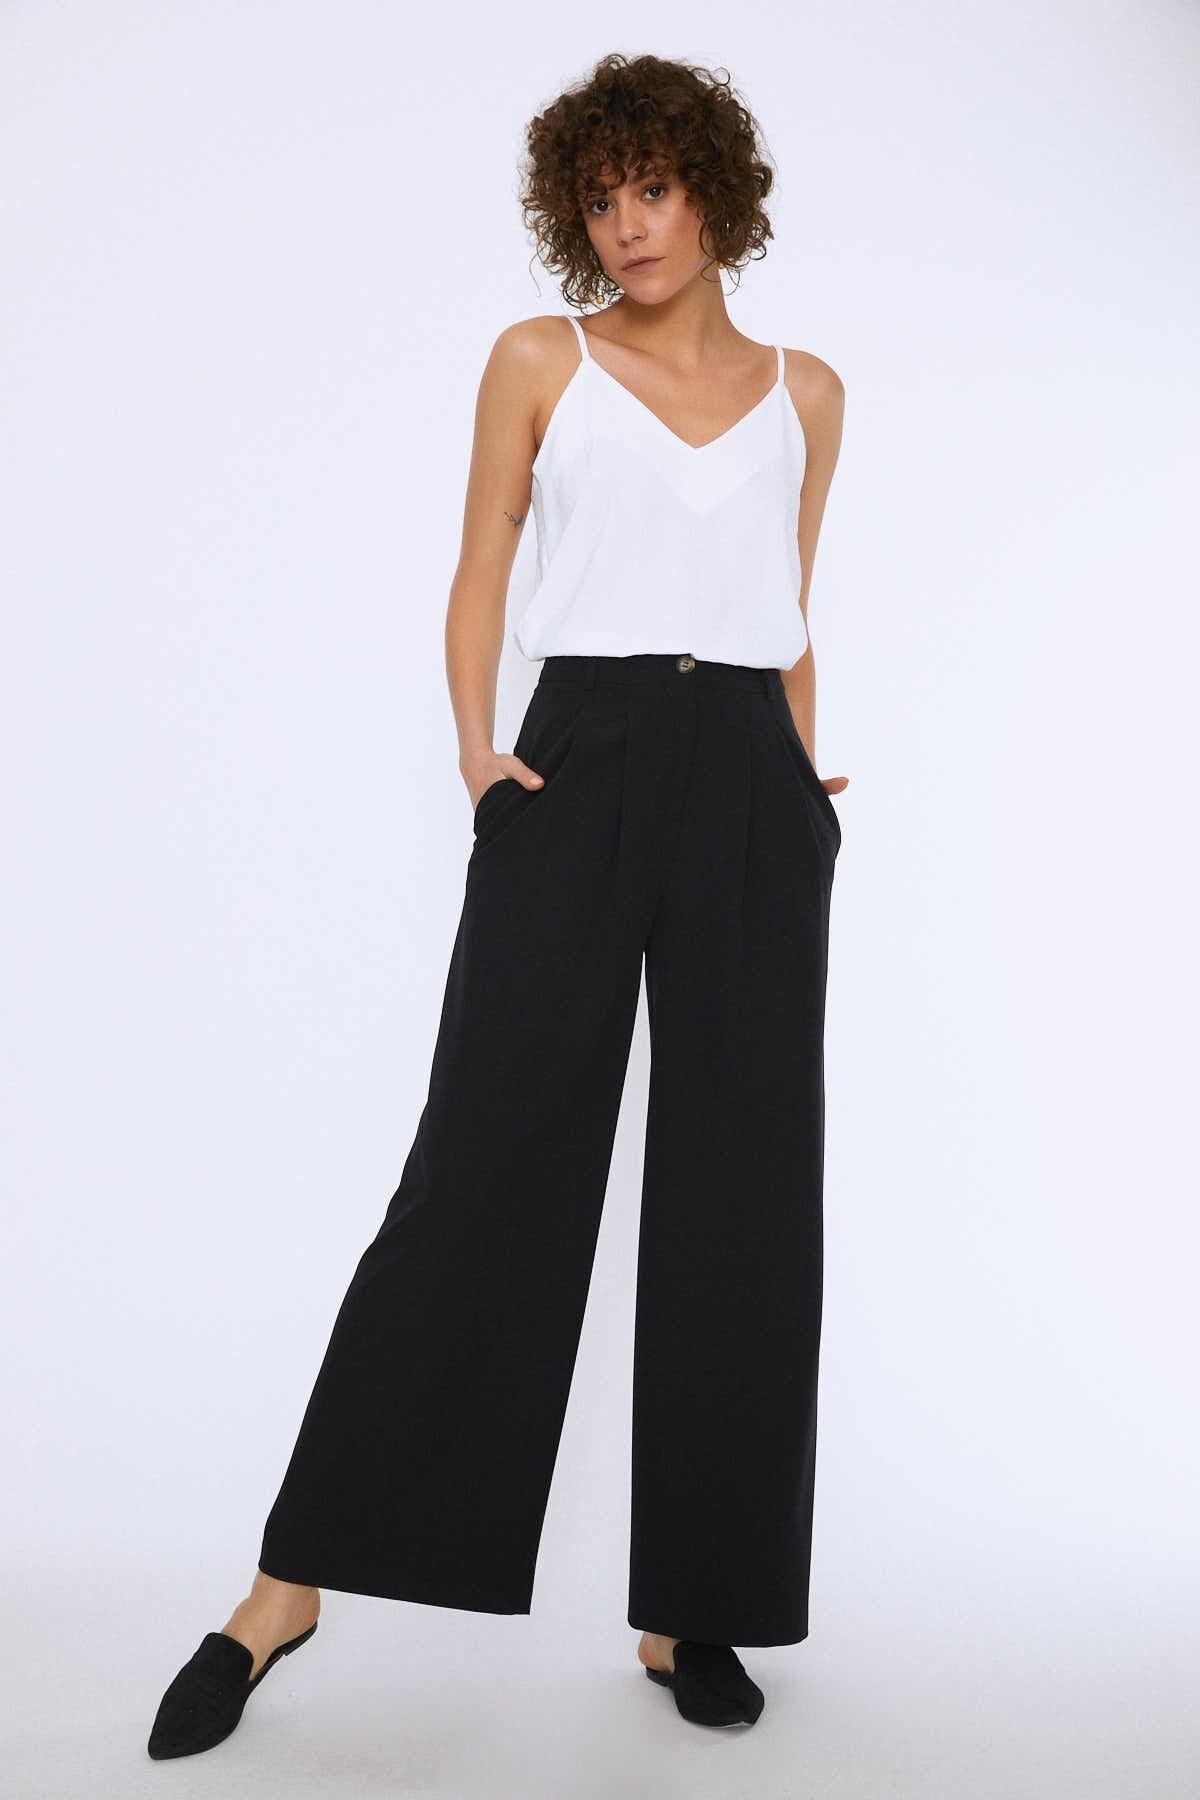 Quzu Kadın Cepli Bol Paça Pantolon Siyah 20Y70681-001